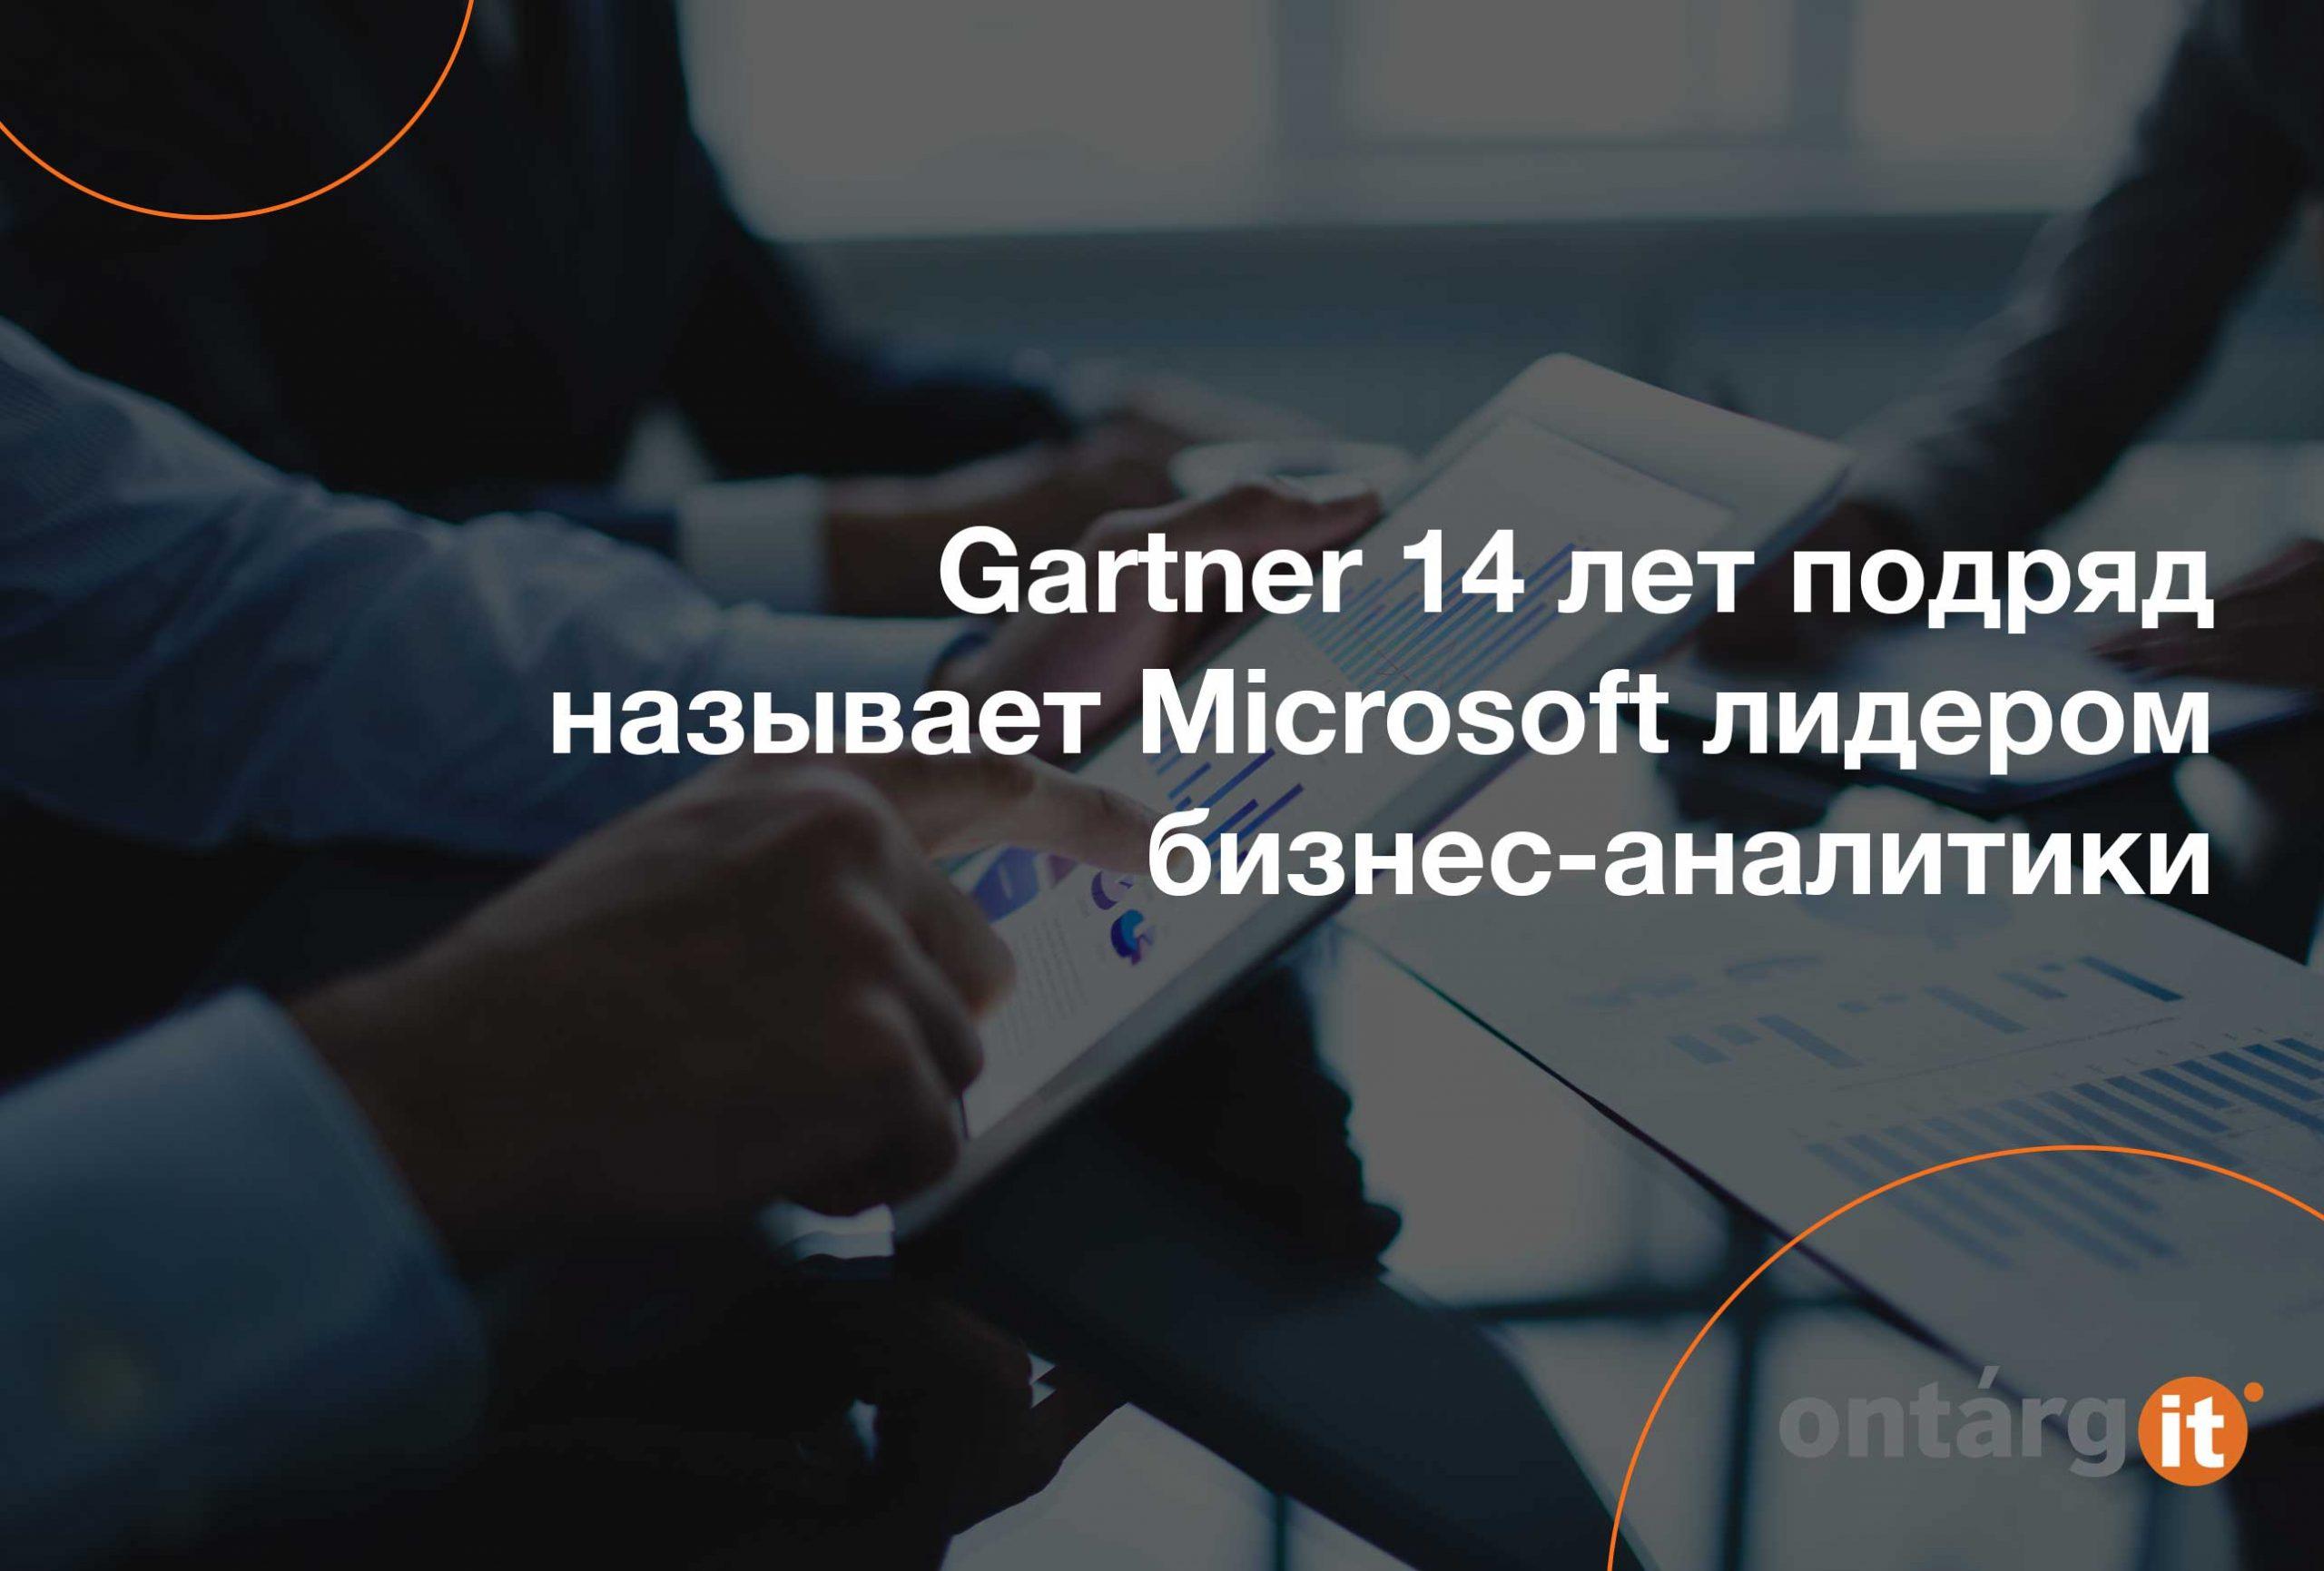 Gartner-14-лет-подряд-называет-Microsoft-лидером-бизнес-аналитики